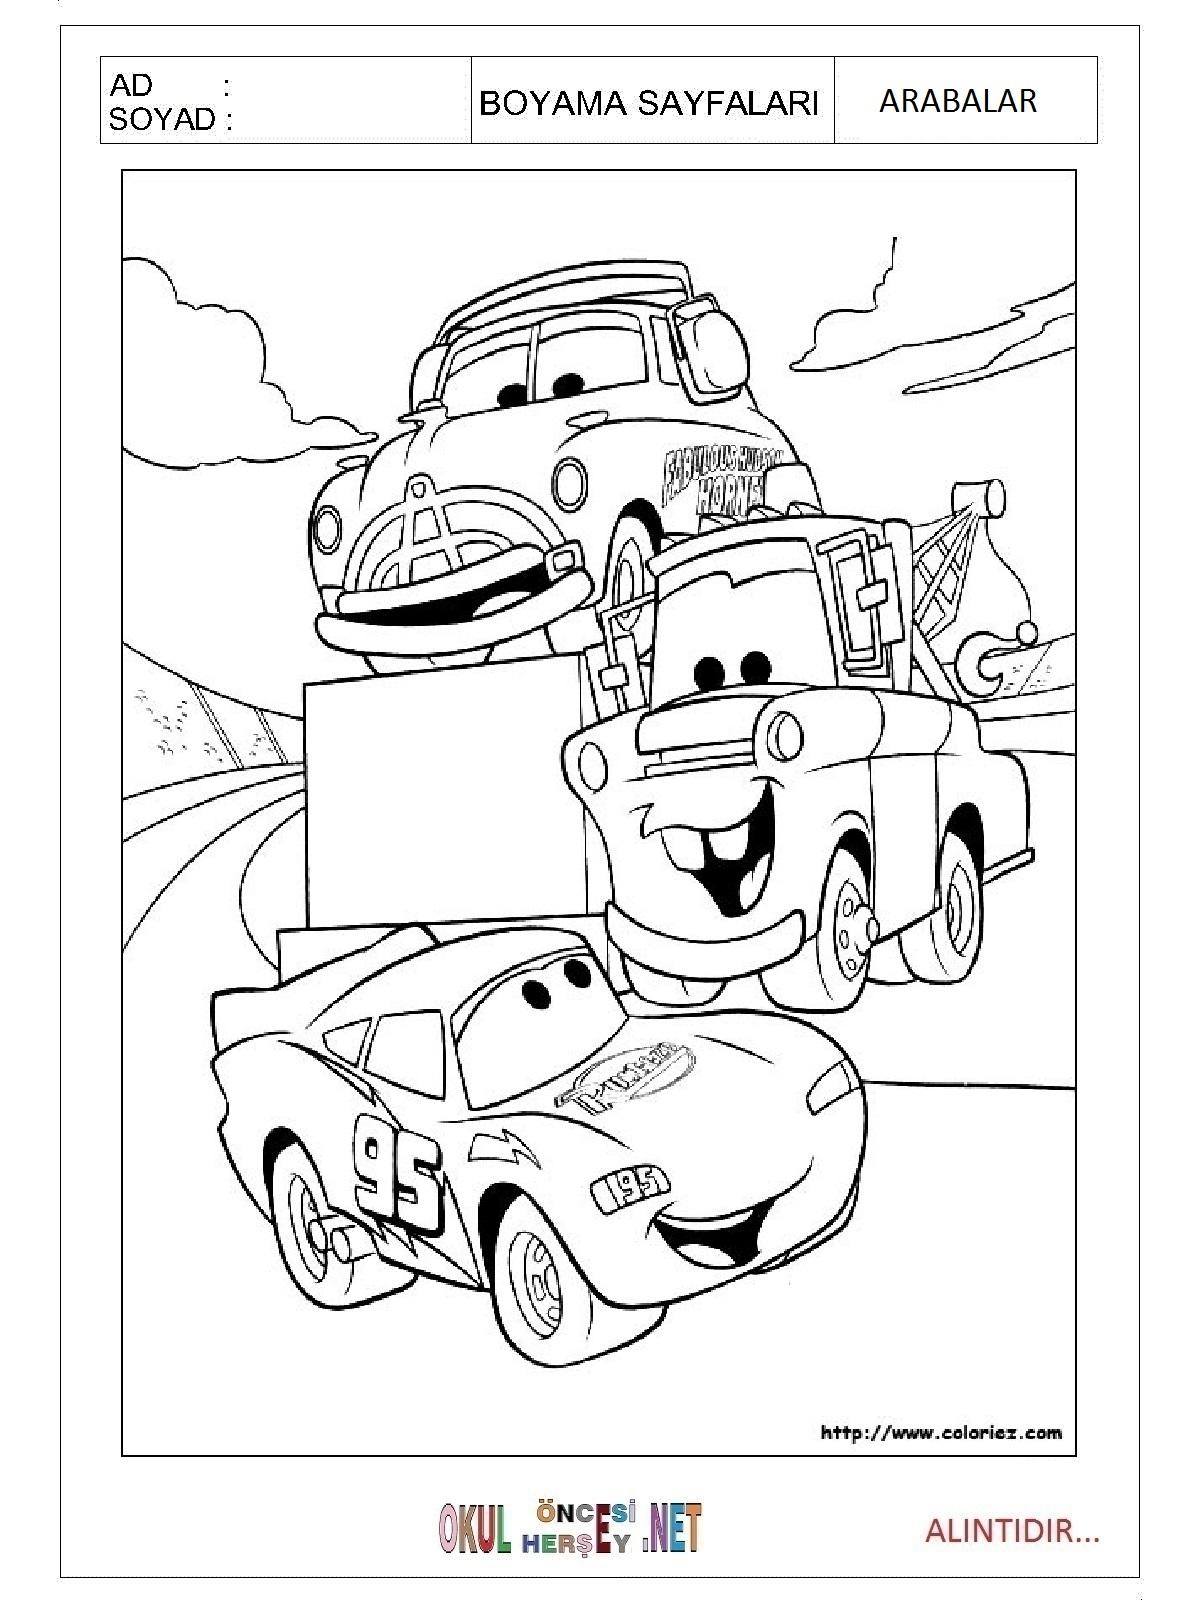 Arabalar Boyama Sayfalari